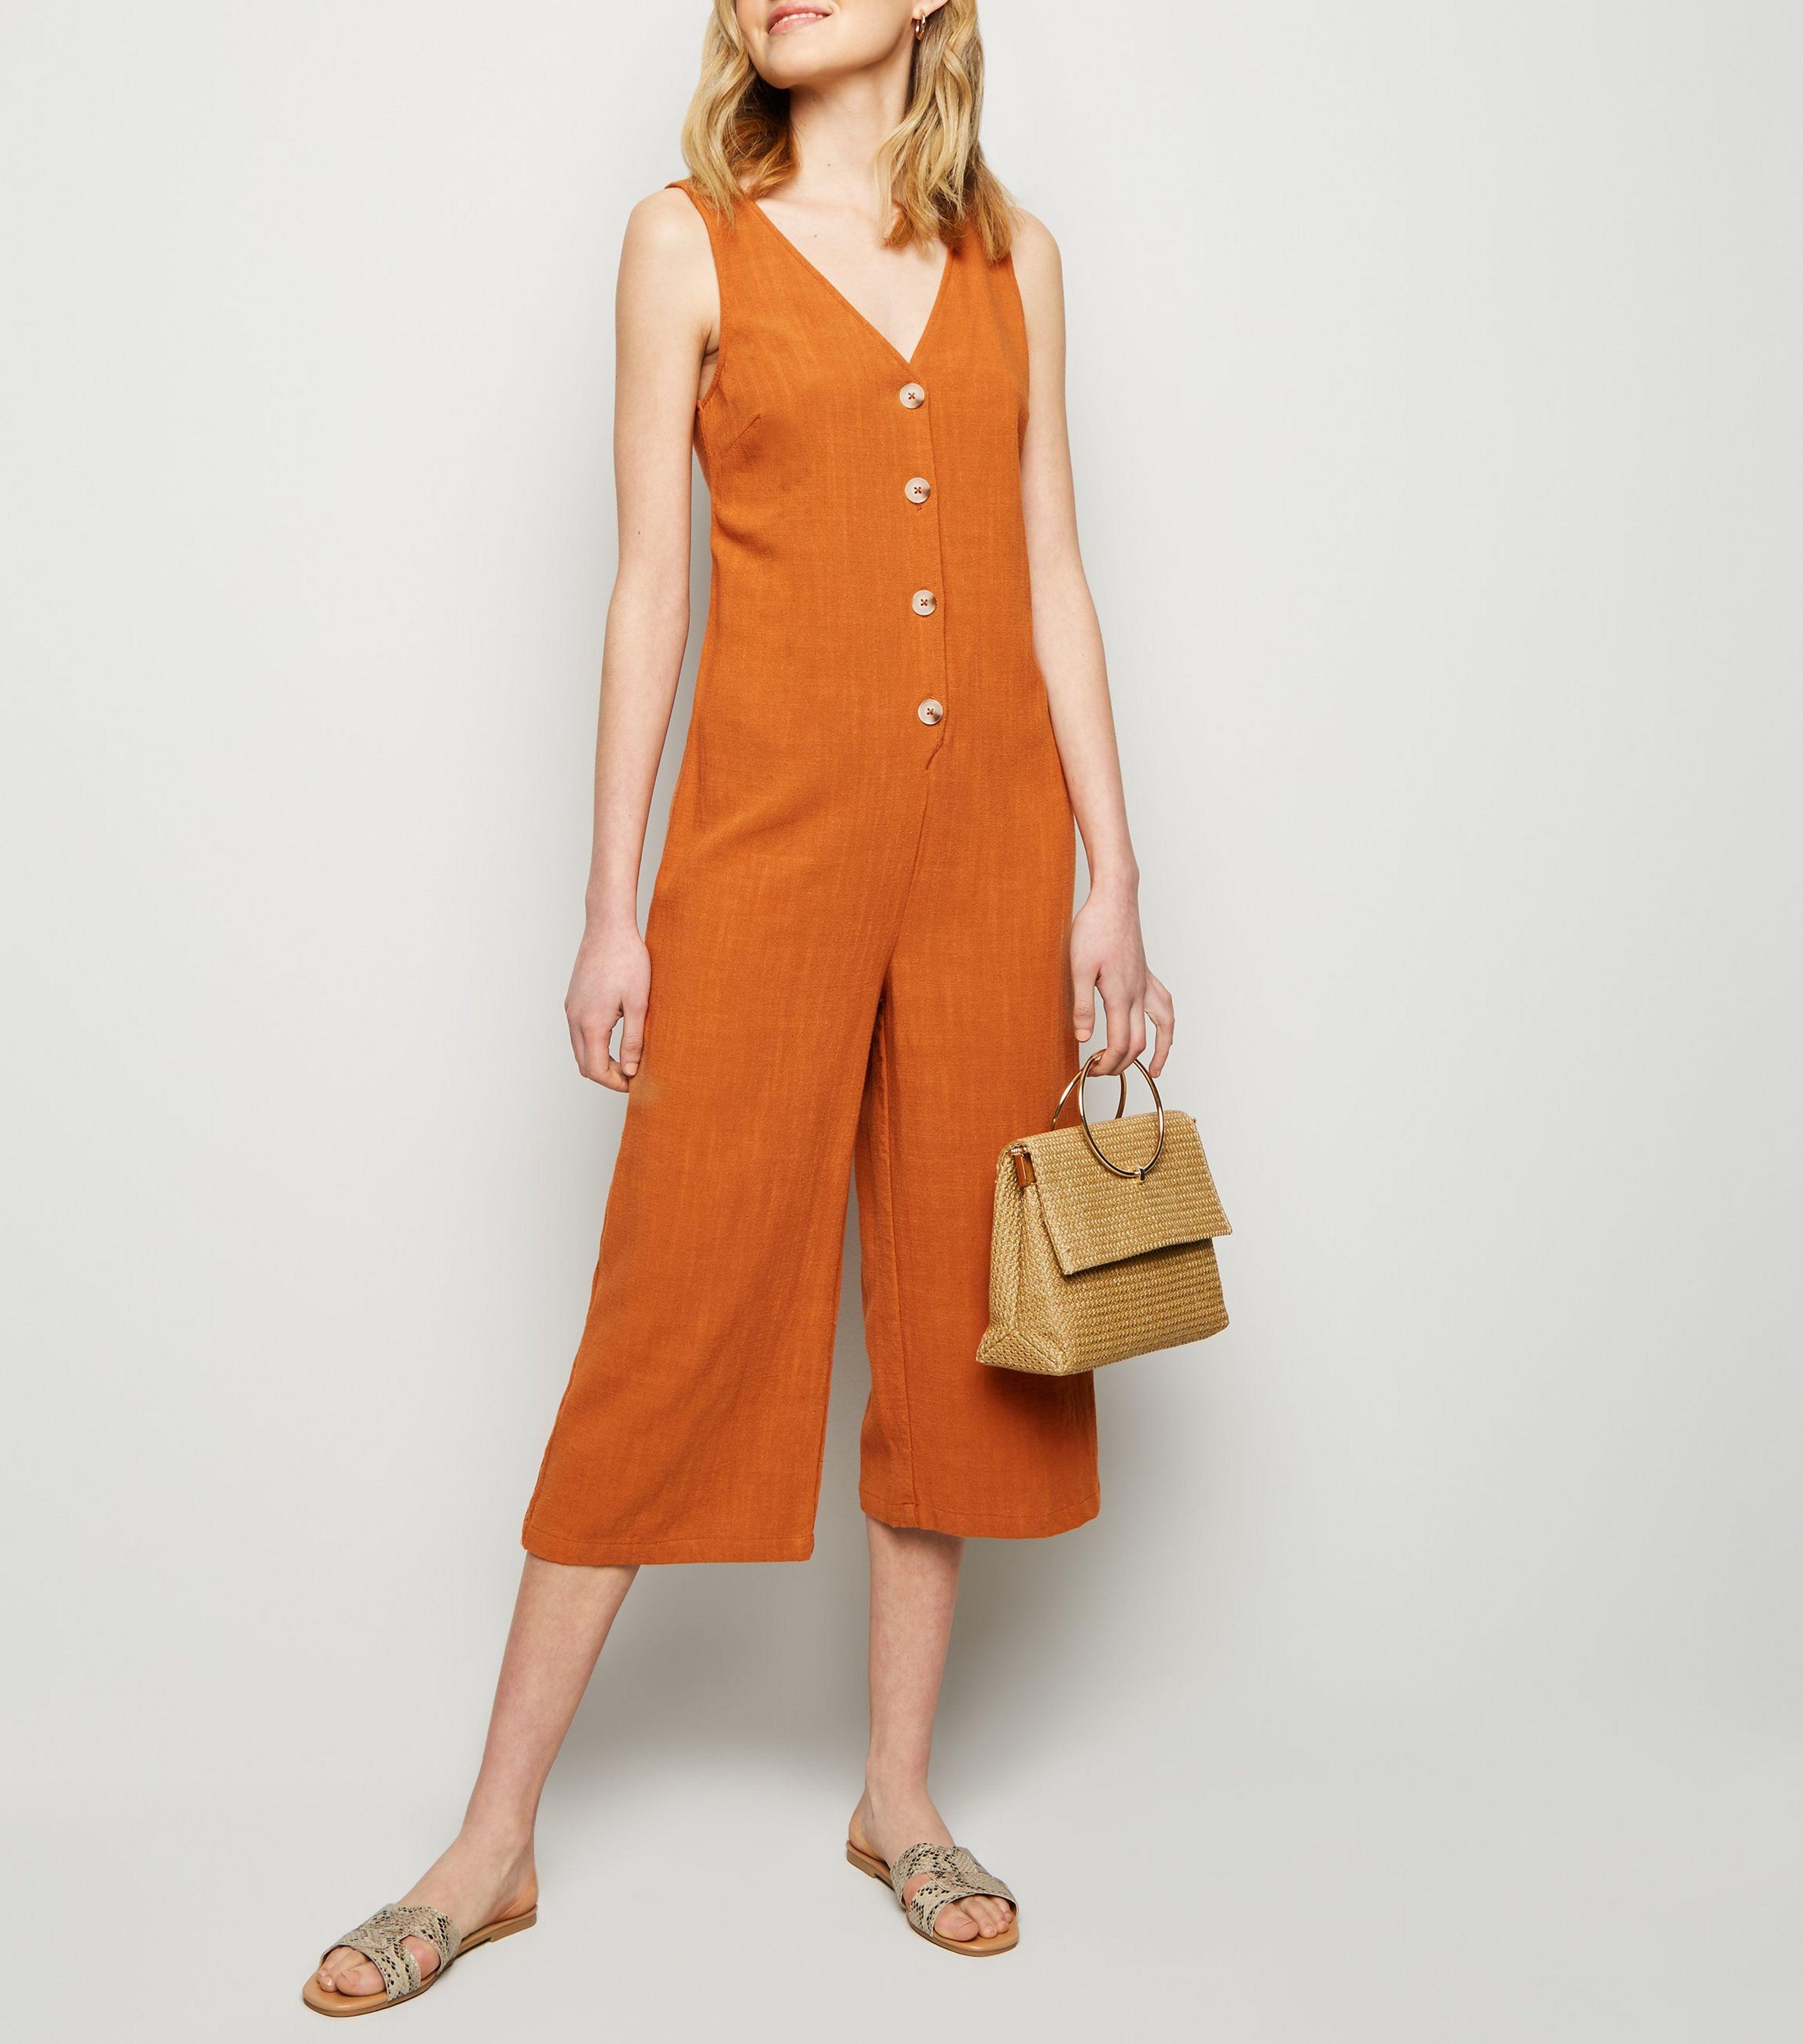 eed8ef5656 New Look Rust Linen Look Button Front Crop Jumpsuit in Orange - Lyst